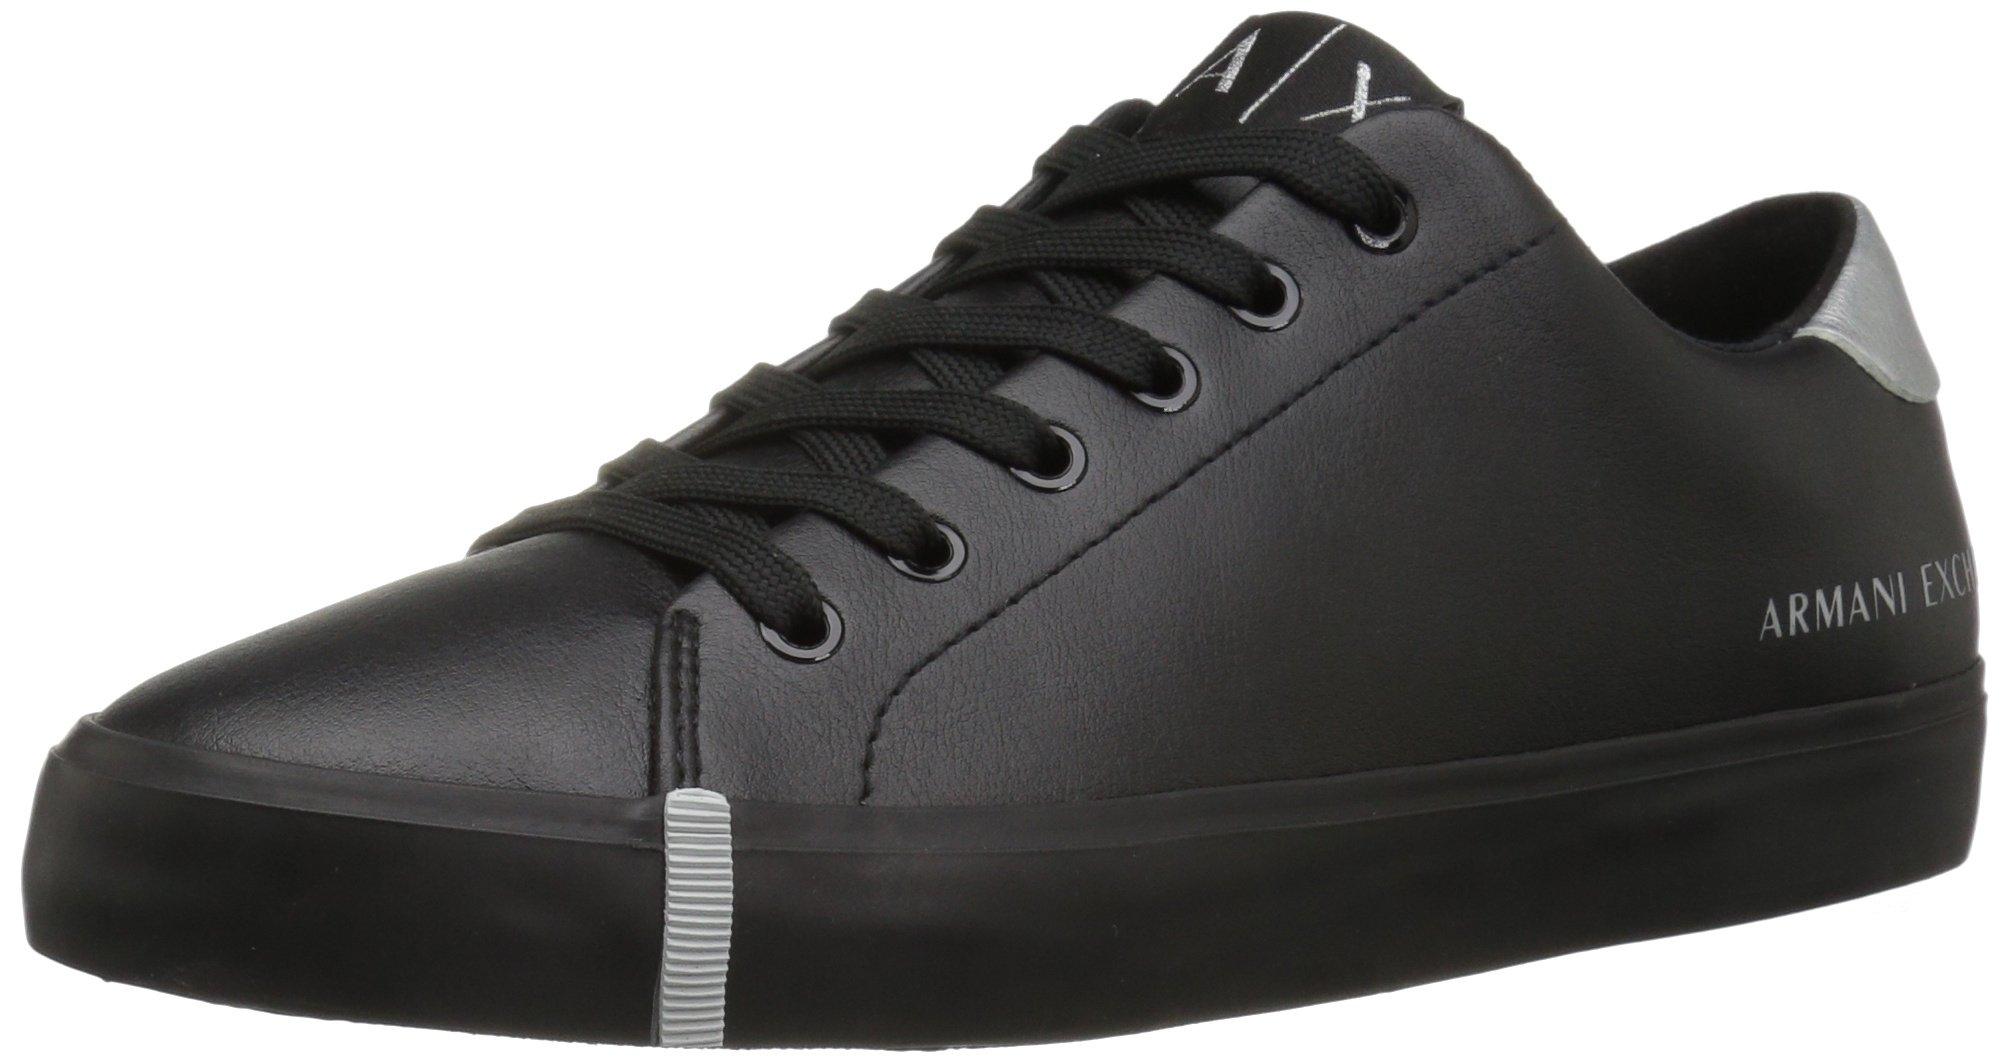 A|X Armani Exchange Women's Armani Exchange Eco Leather Fashion Sneaker, Black, 7 M US